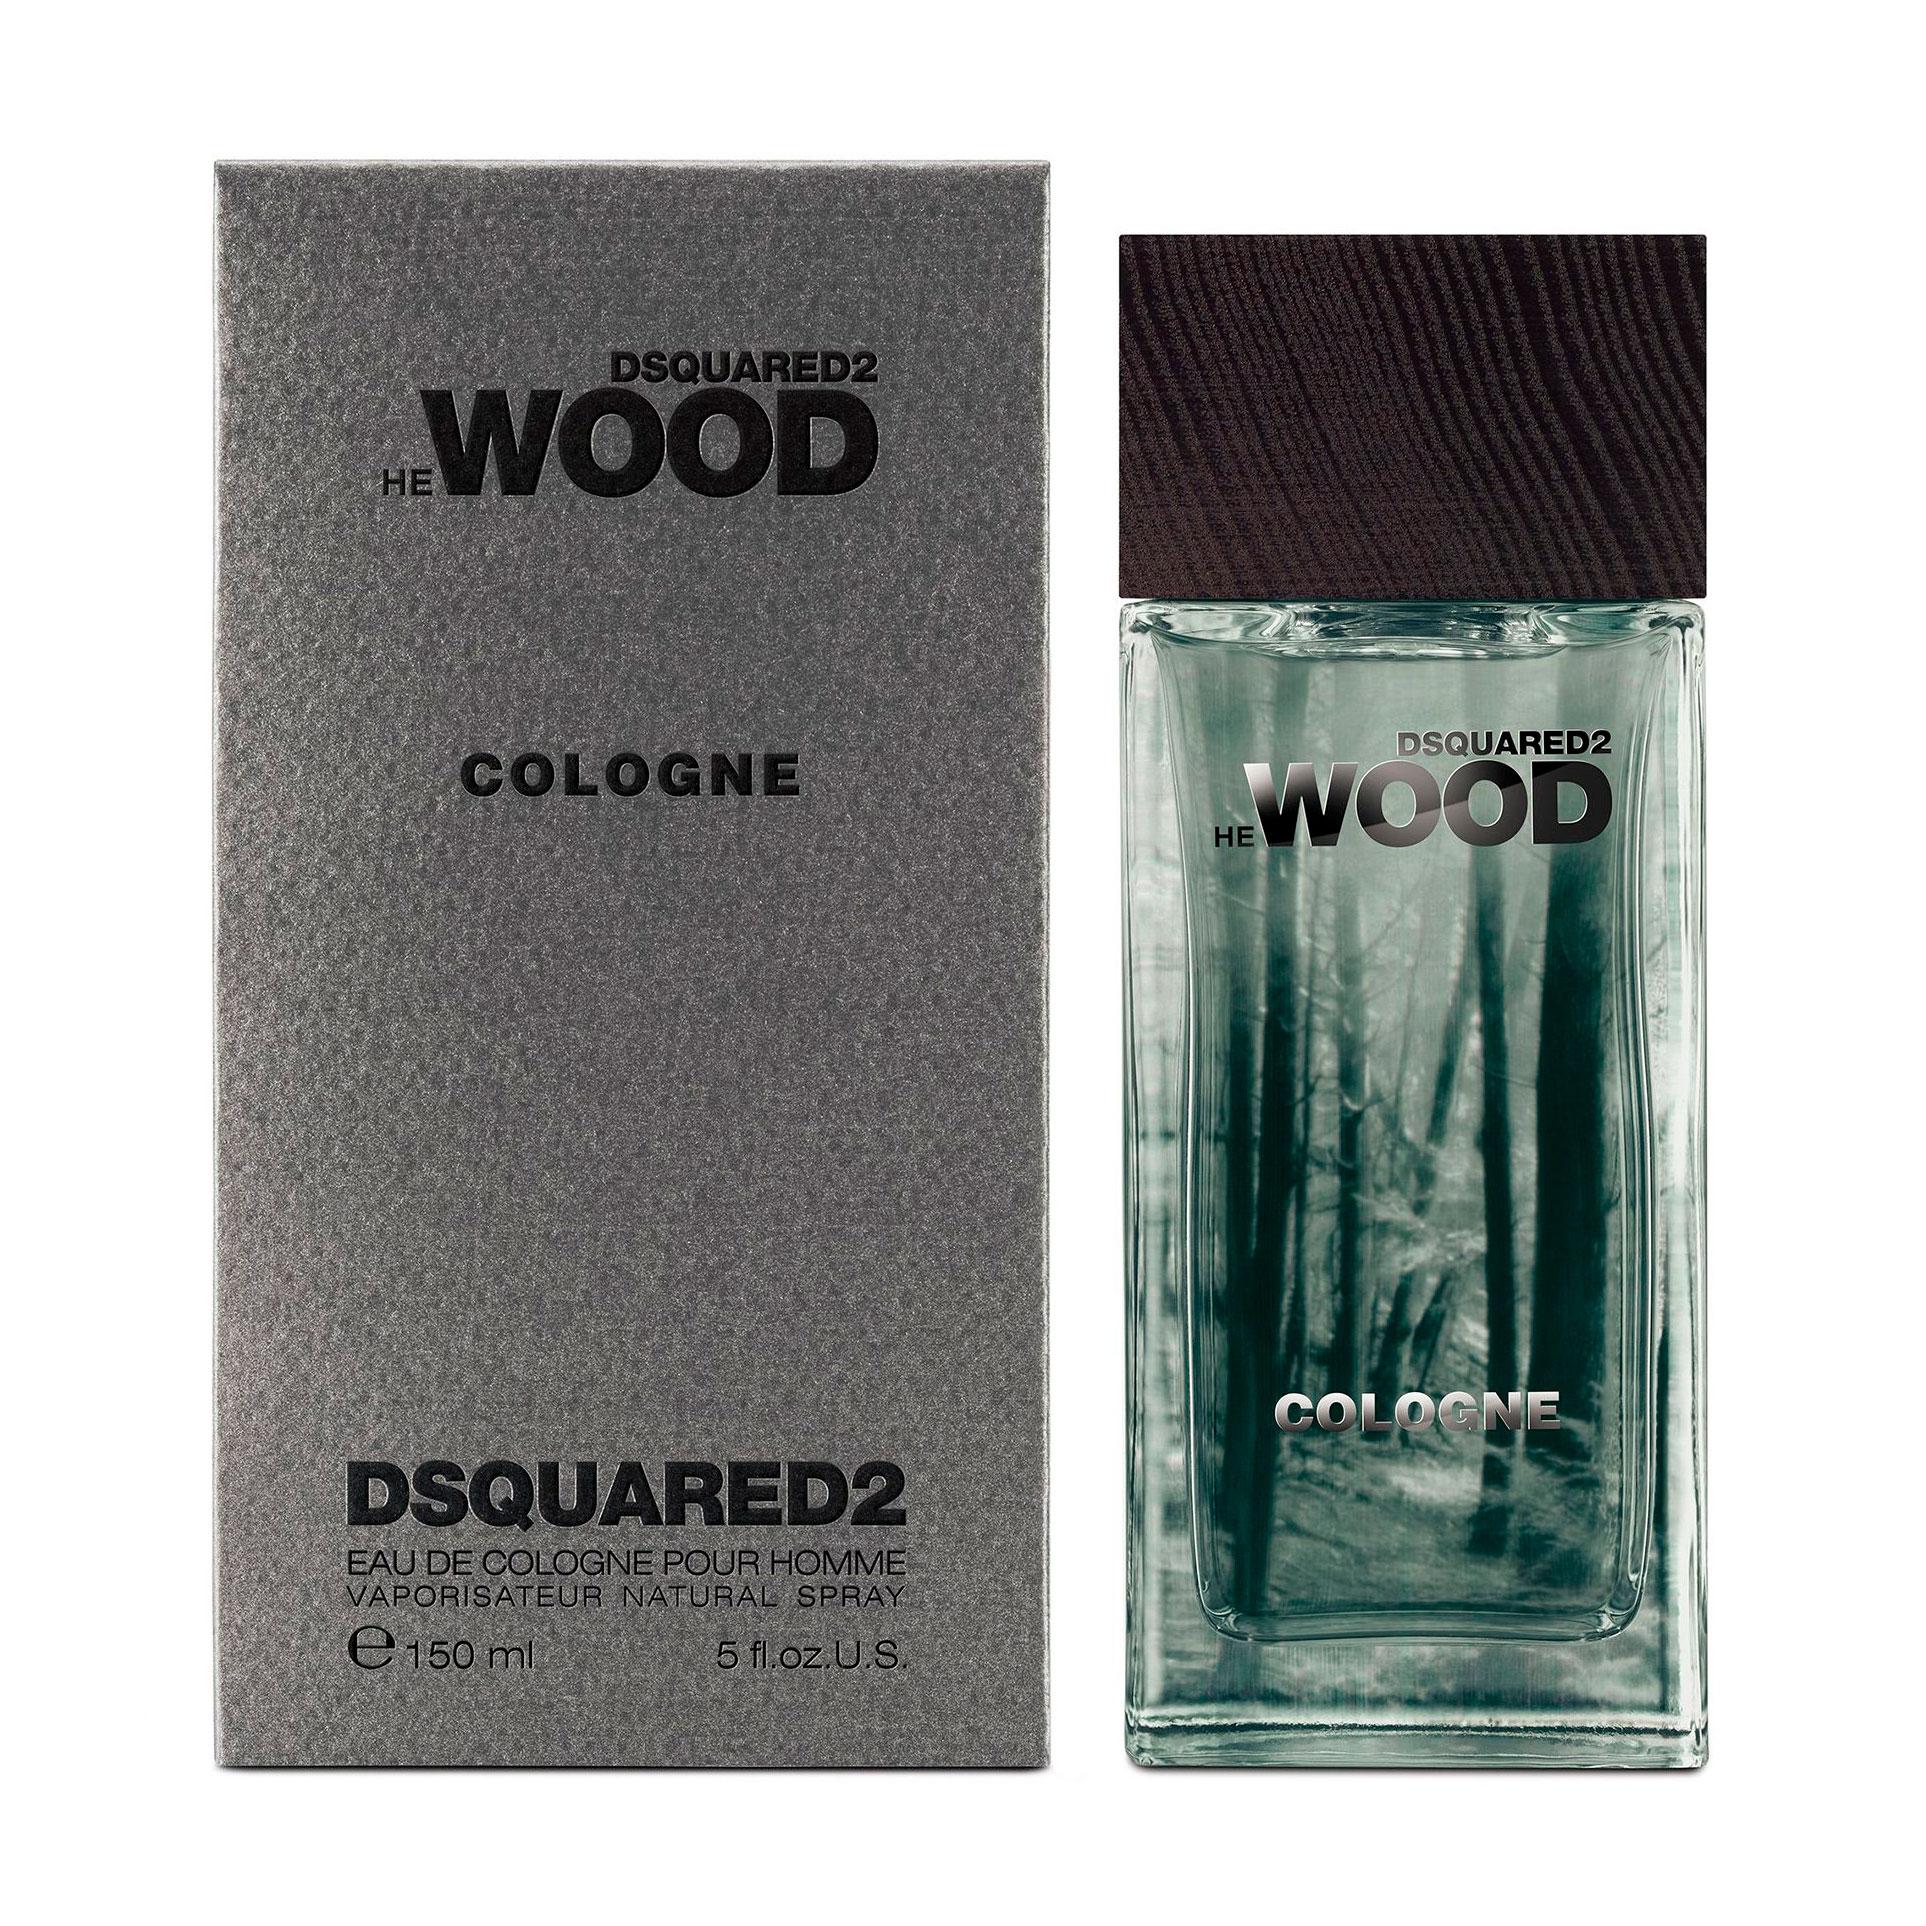 Dsquared2 He Wood Cologne Одеколон чоловічий, 150 мл